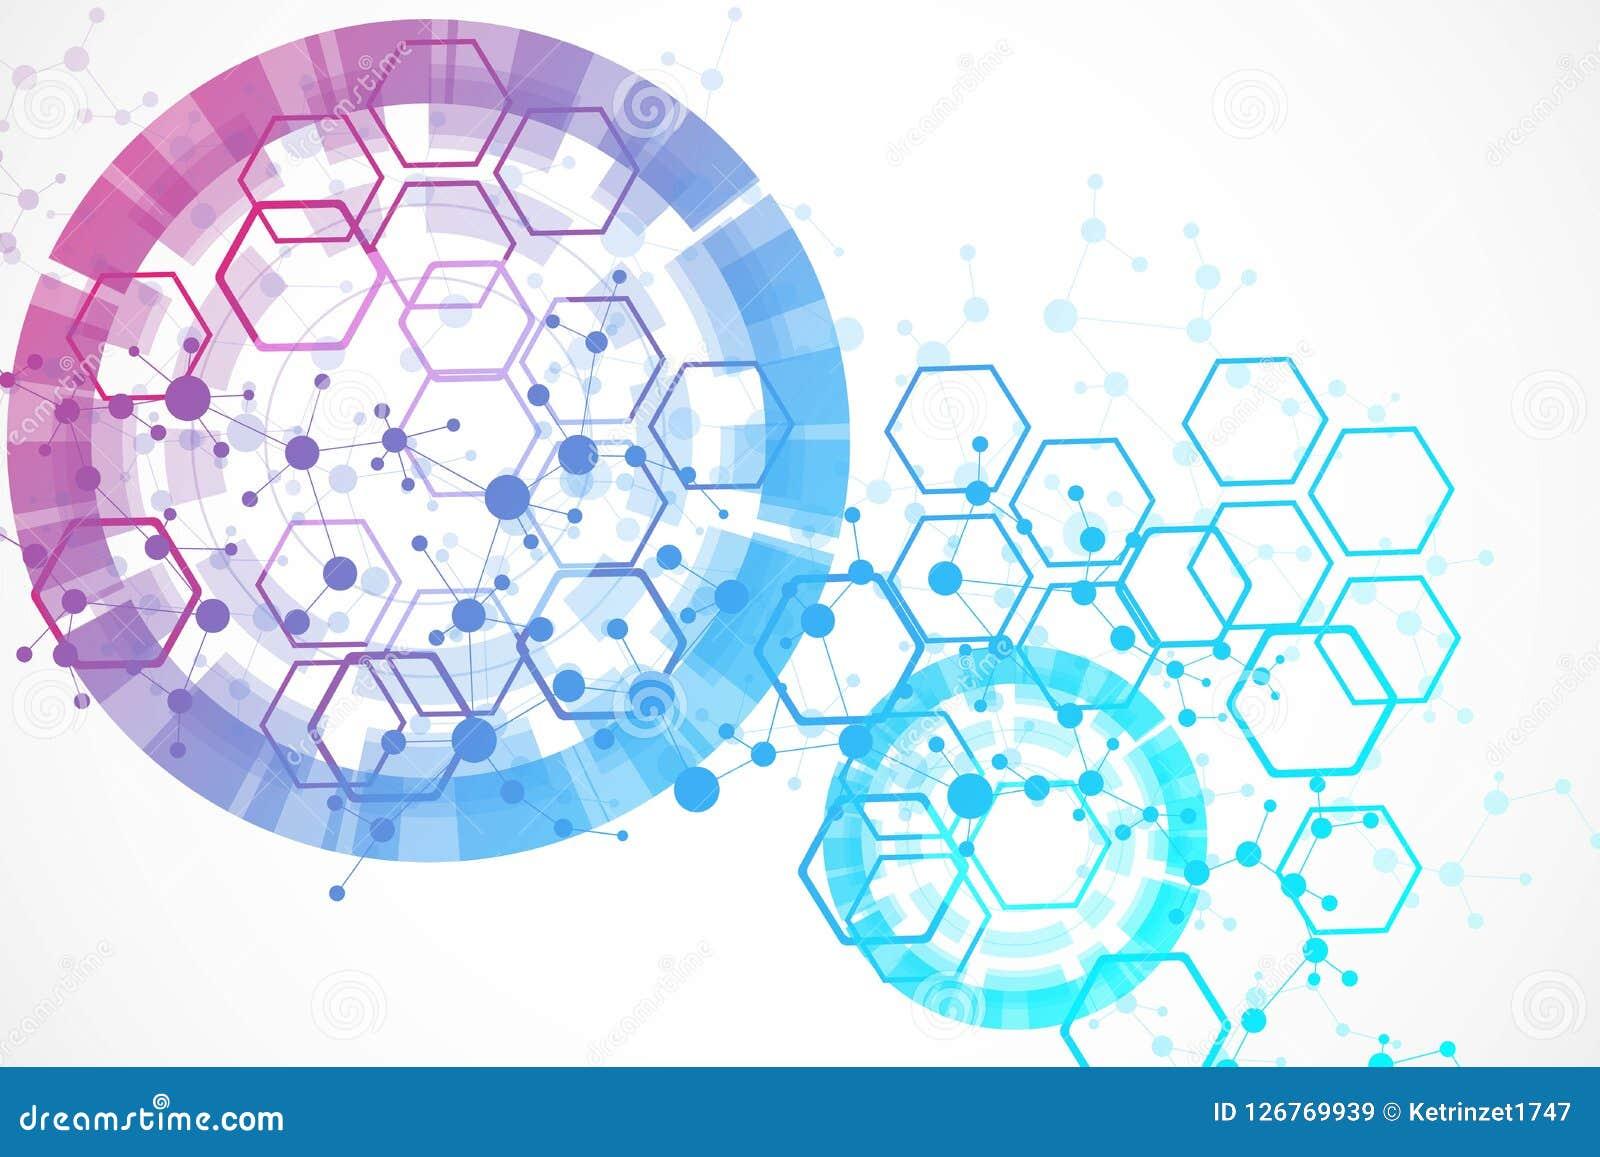 Grand fond de visualisation de données Fond abstrait virtuel futuriste moderne Modèle de réseau de la Science, se reliant